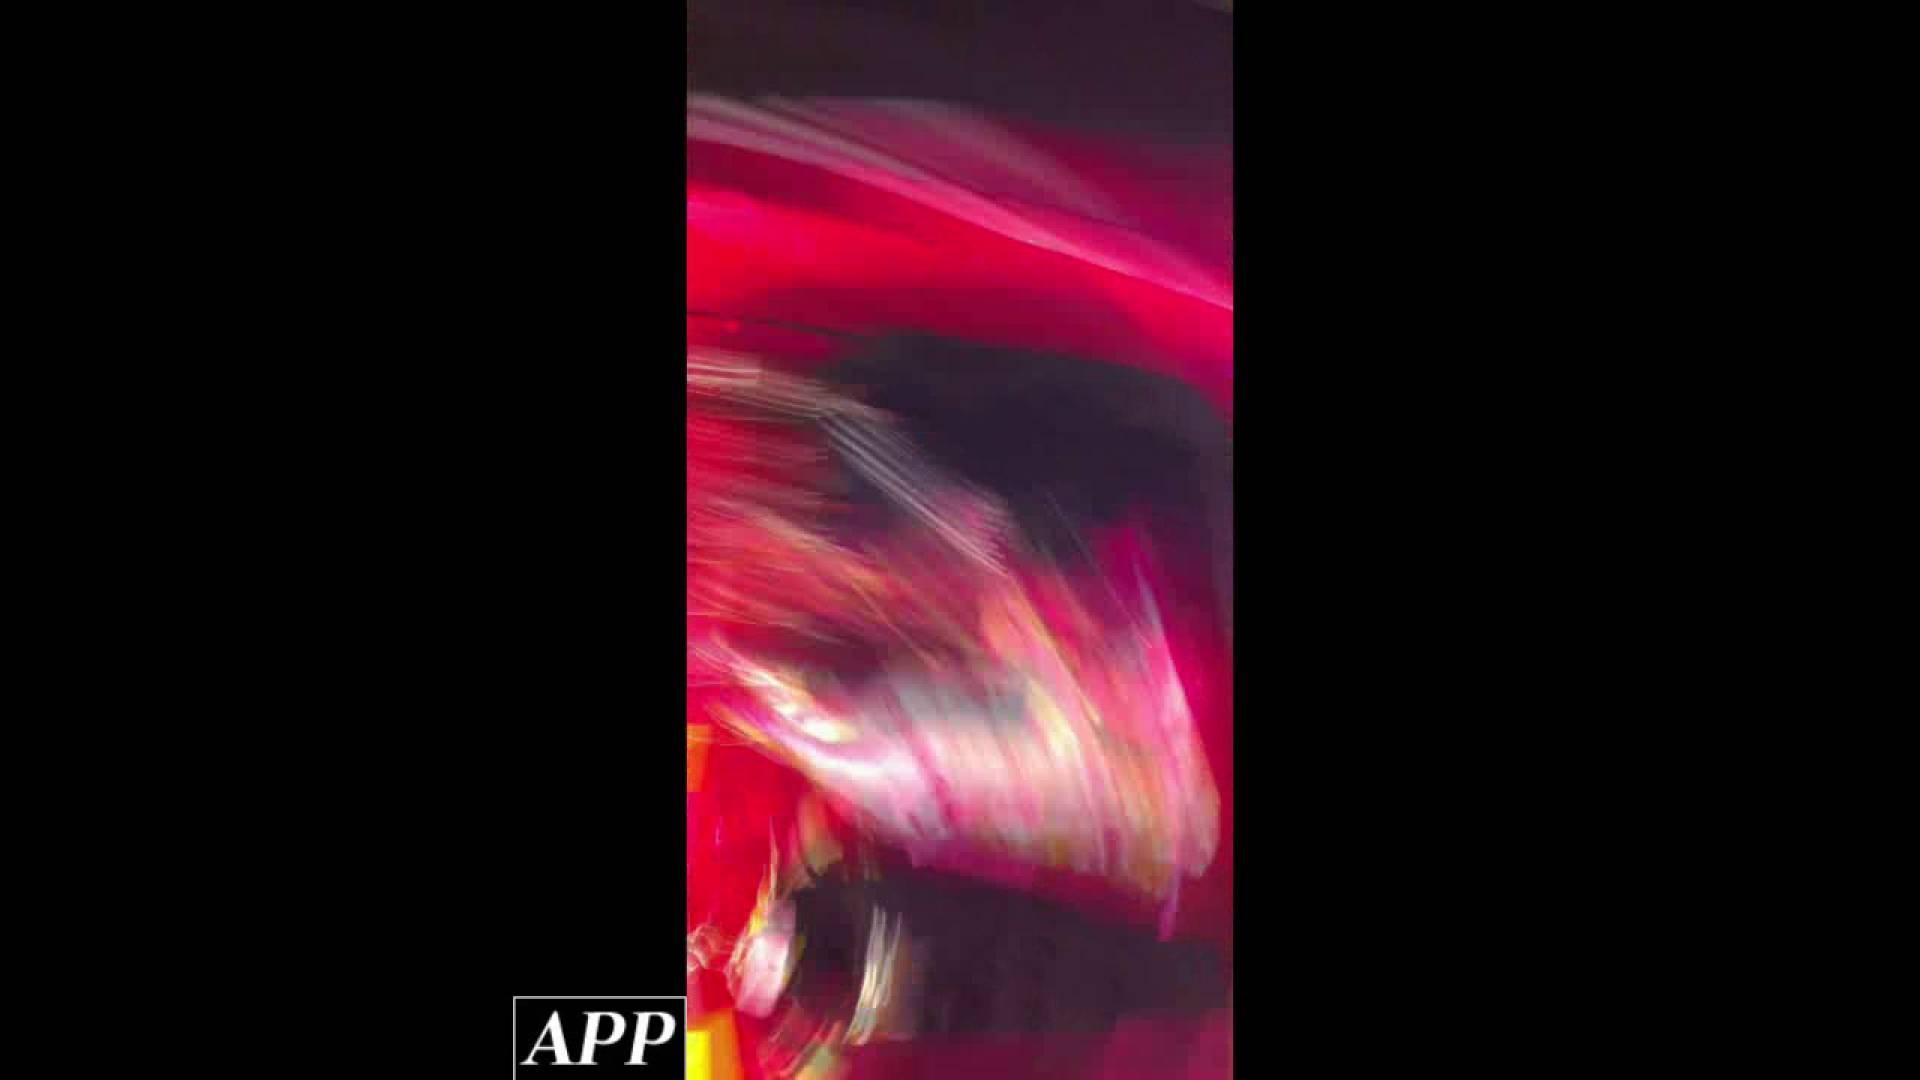 ハイビジョン盗撮!ショップ店員千人斬り!胸チラ編 vol.76 盗撮特集 | チラ  72画像 47